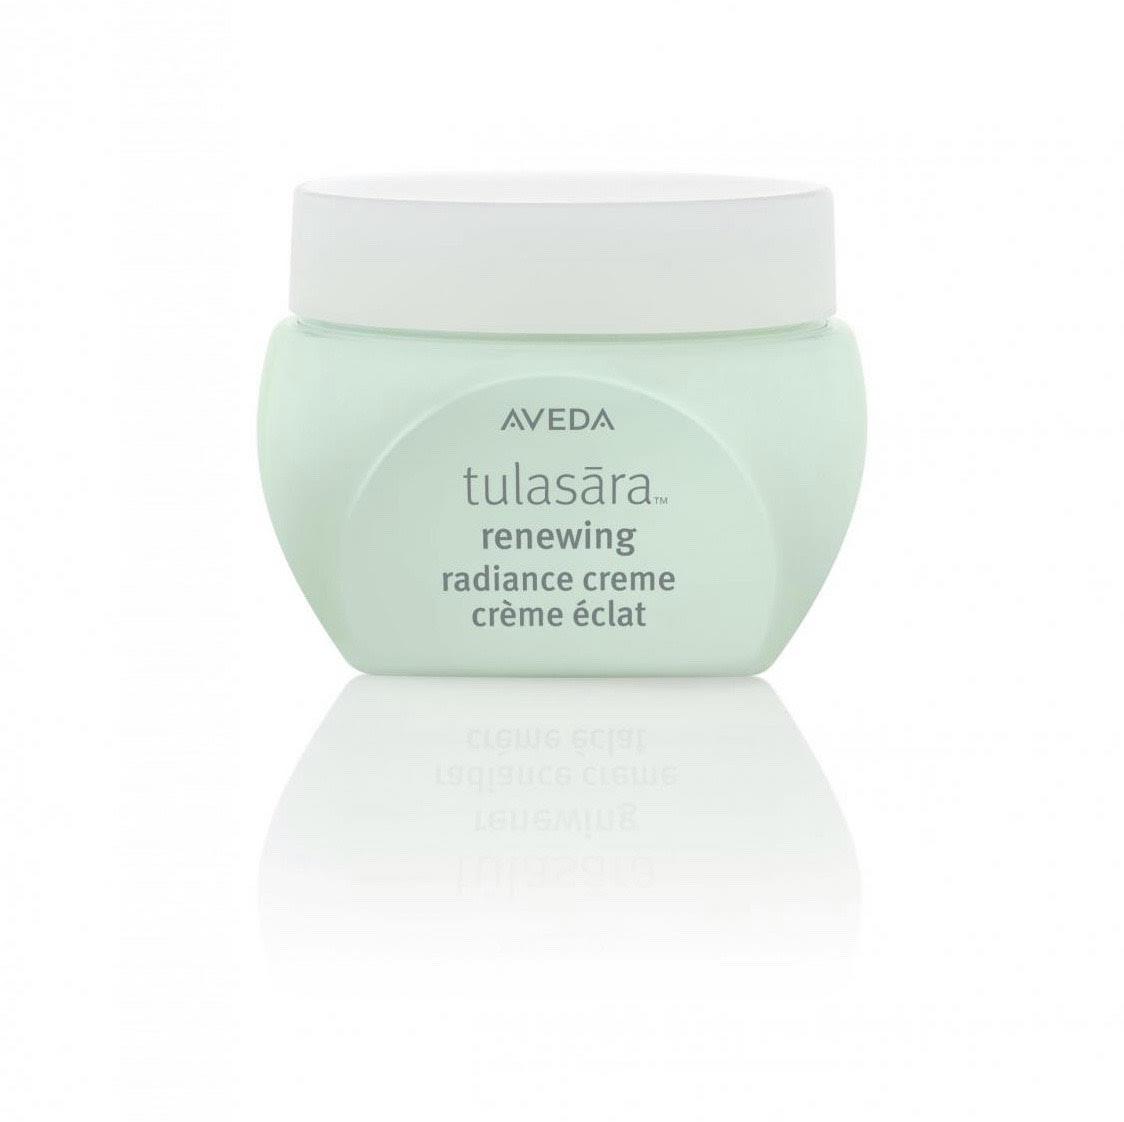 Крем для лица Aveda Tulasara Renewing Radiance Creme, 7 000 р. Питательный крем мгновенно восстанавливает кожу, возвращает ей сияние и защищает от воздействия окружающей среды и обезвоживания, благодаря витамину Е и имбирю.